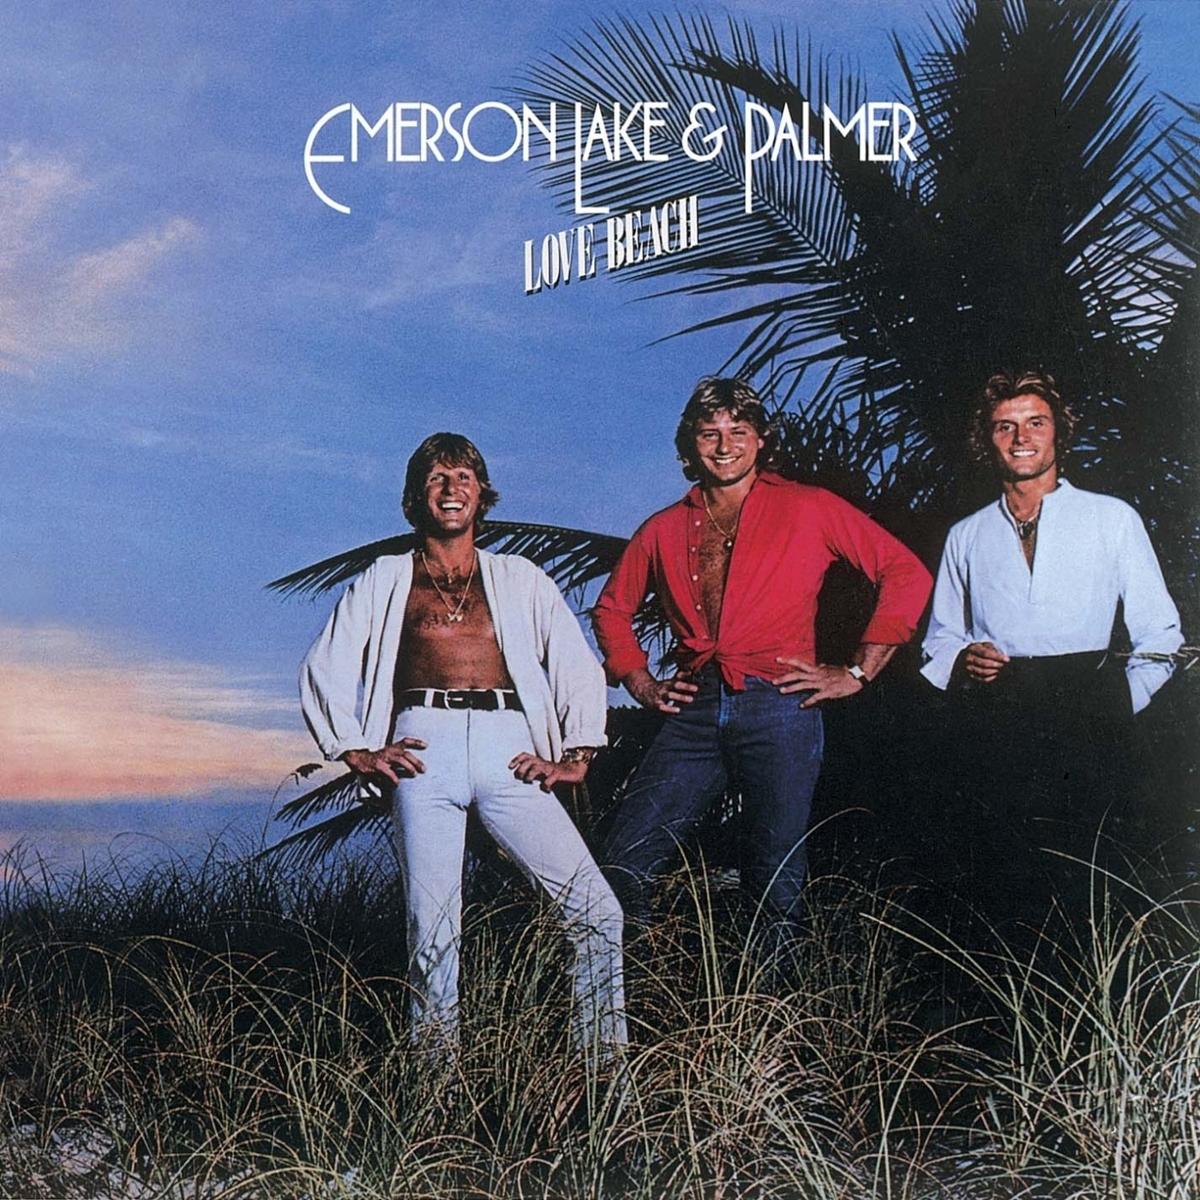 Emerson Lake Palmer Love Beach